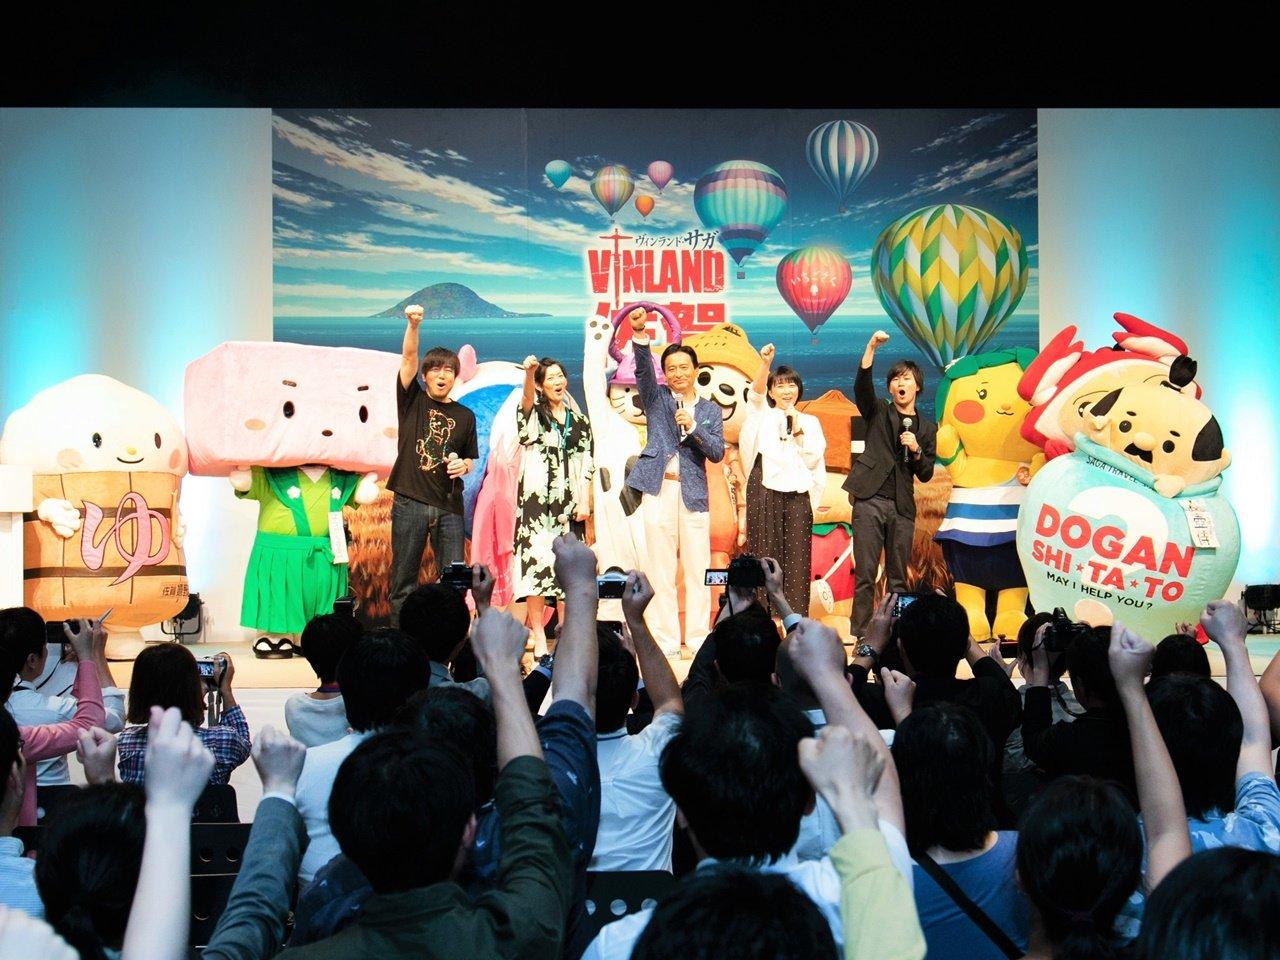 声優・松田健一郎と生天目仁美を「興奮して見れない」女優・佐藤藍子がテレまくる!の画像001